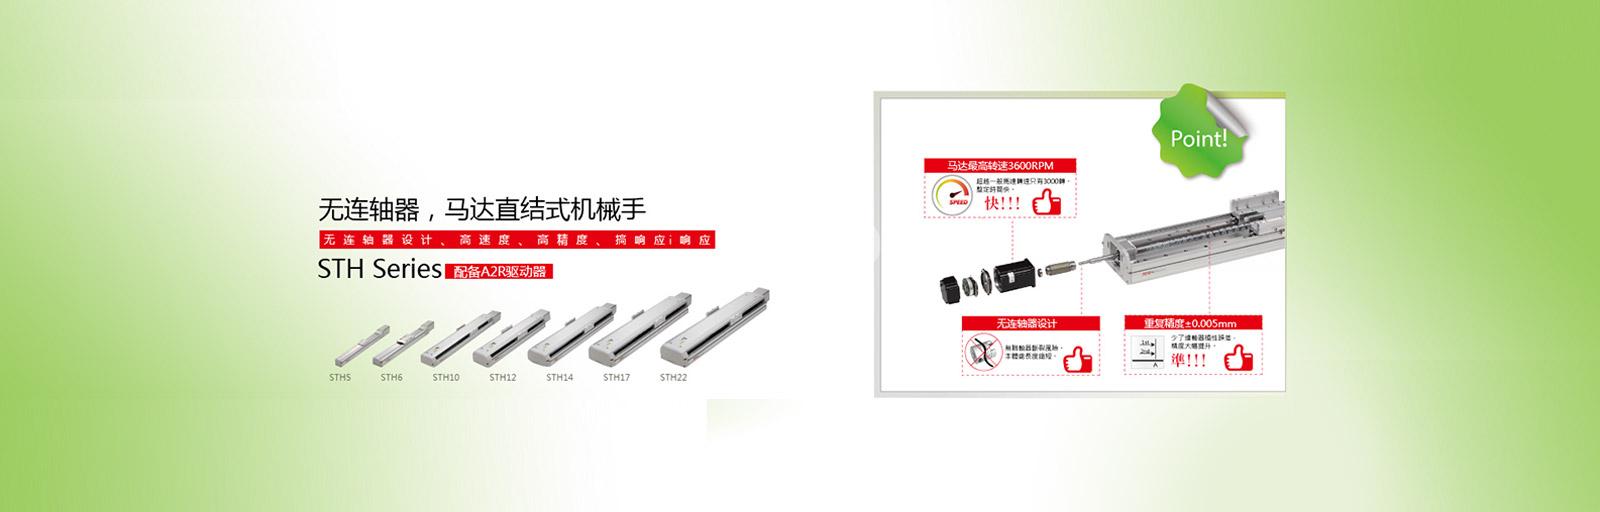 上海裕飞机电有限公司